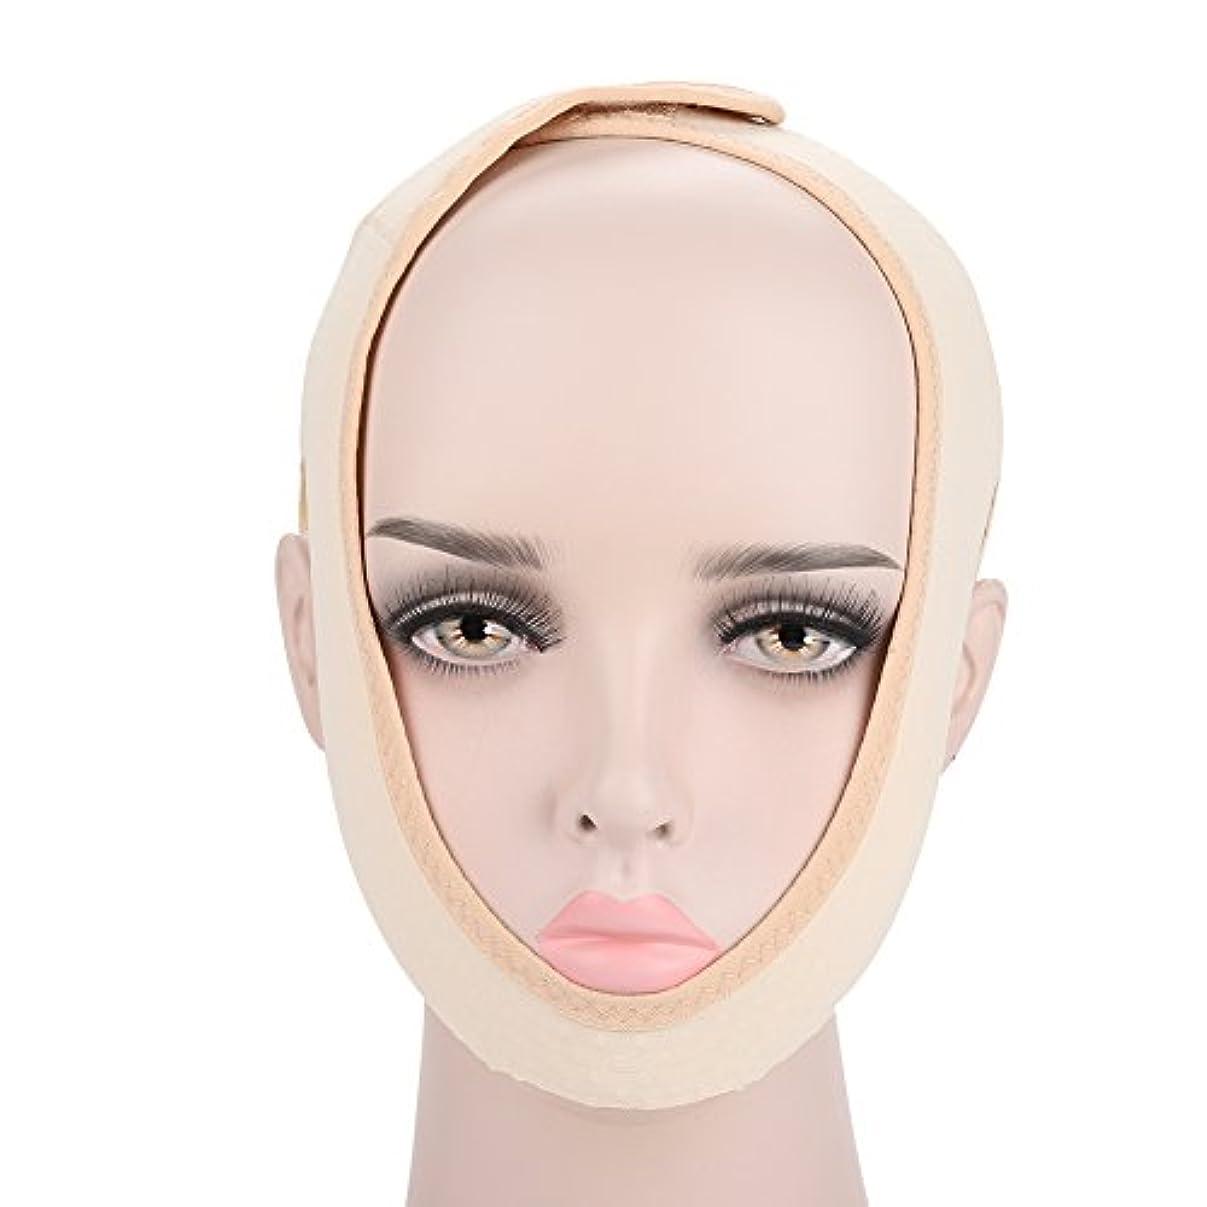 レース写真撮影偽顔の輪郭を改善するための顔の痩身マスク、通気性と伸縮性、二重あごを和らげ、顔の手術とリハビリ